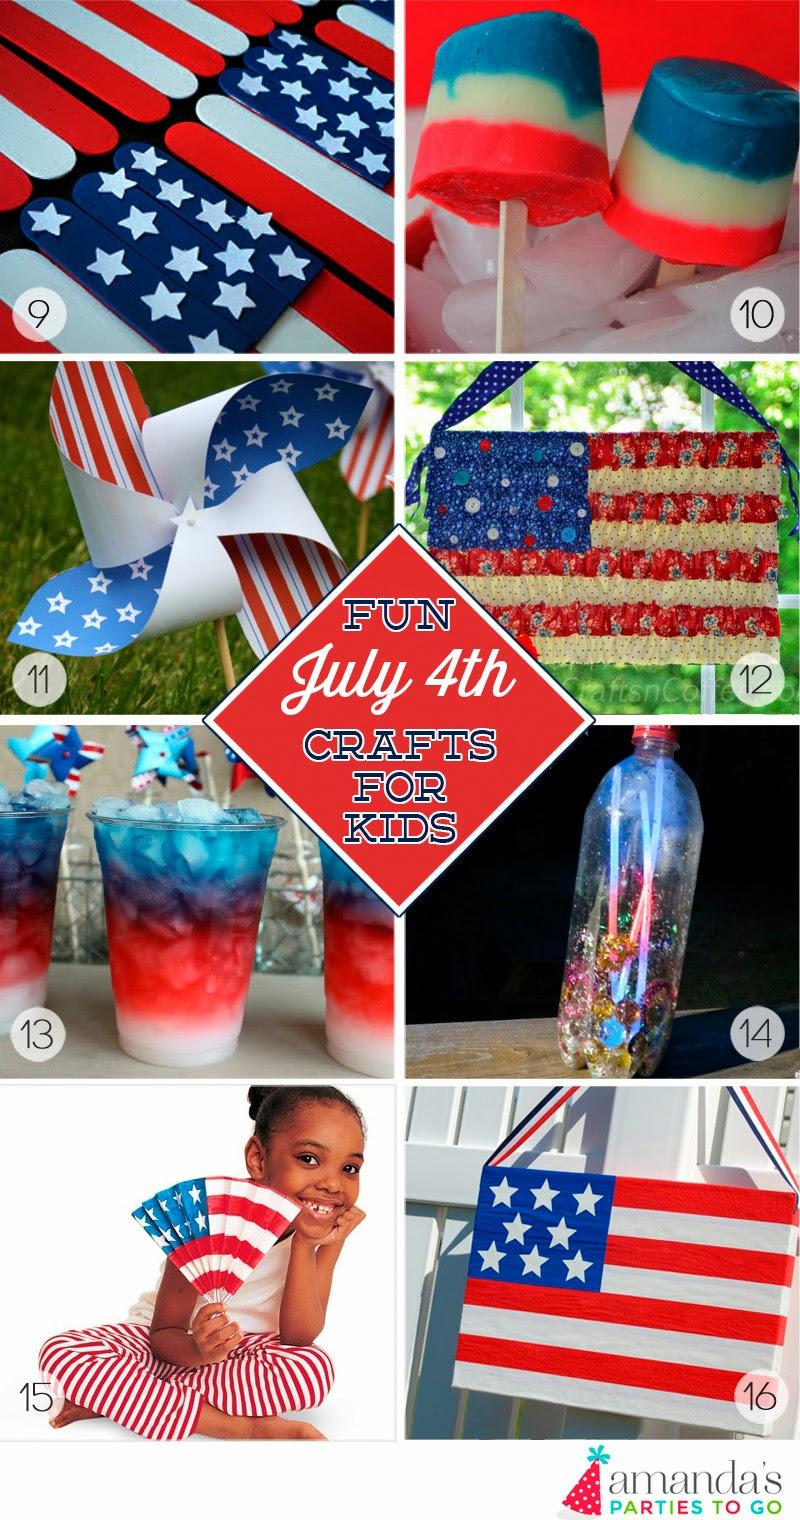 http://3.bp.blogspot.com/-Er8hUM8qsYI/U586M_K1CoI/AAAAAAAALqM/MaJbsOVyl-8/s1600/july+4th+activities+for+kids2.jpg